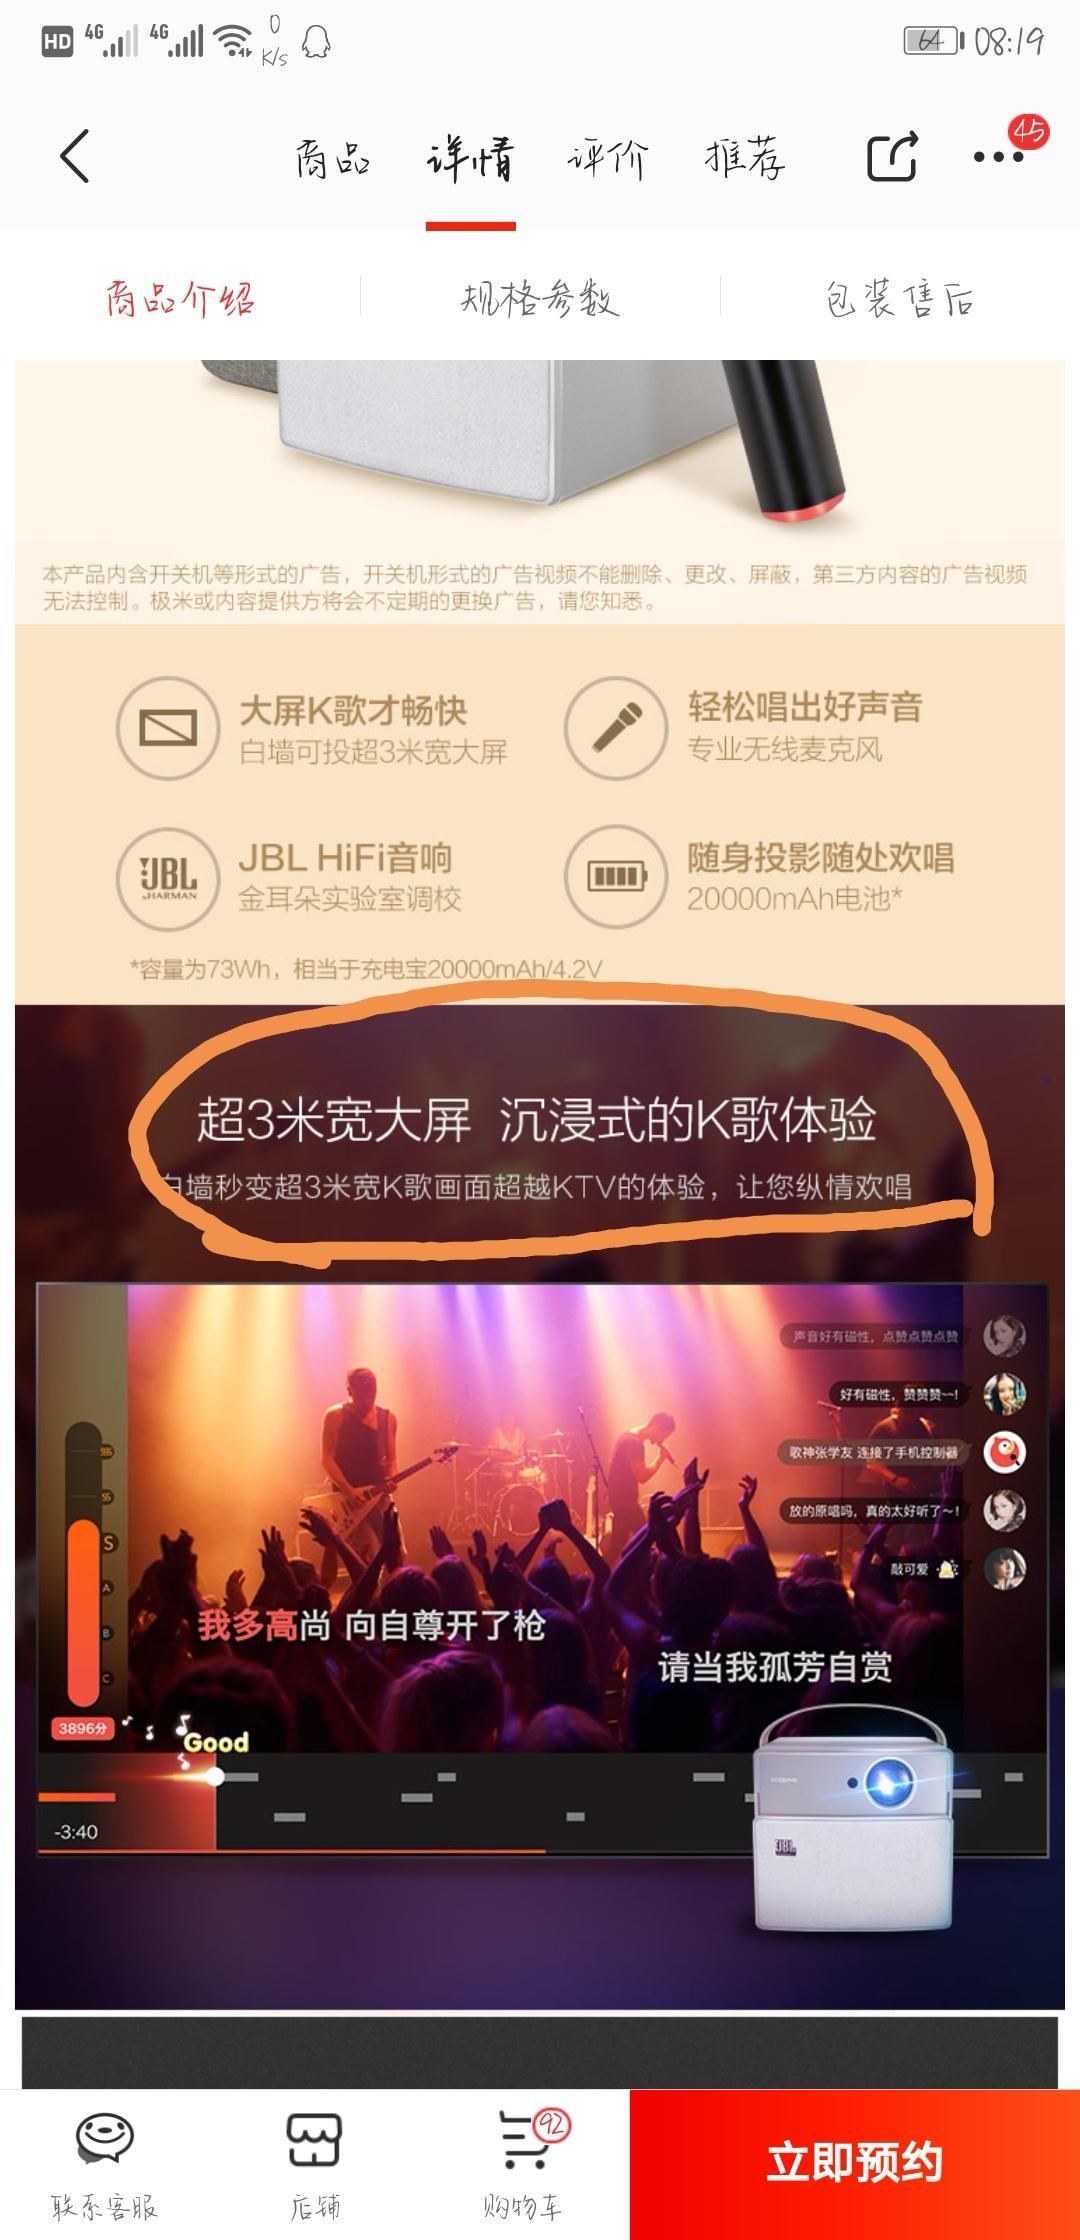 Screenshot_20180909_082033.jpg